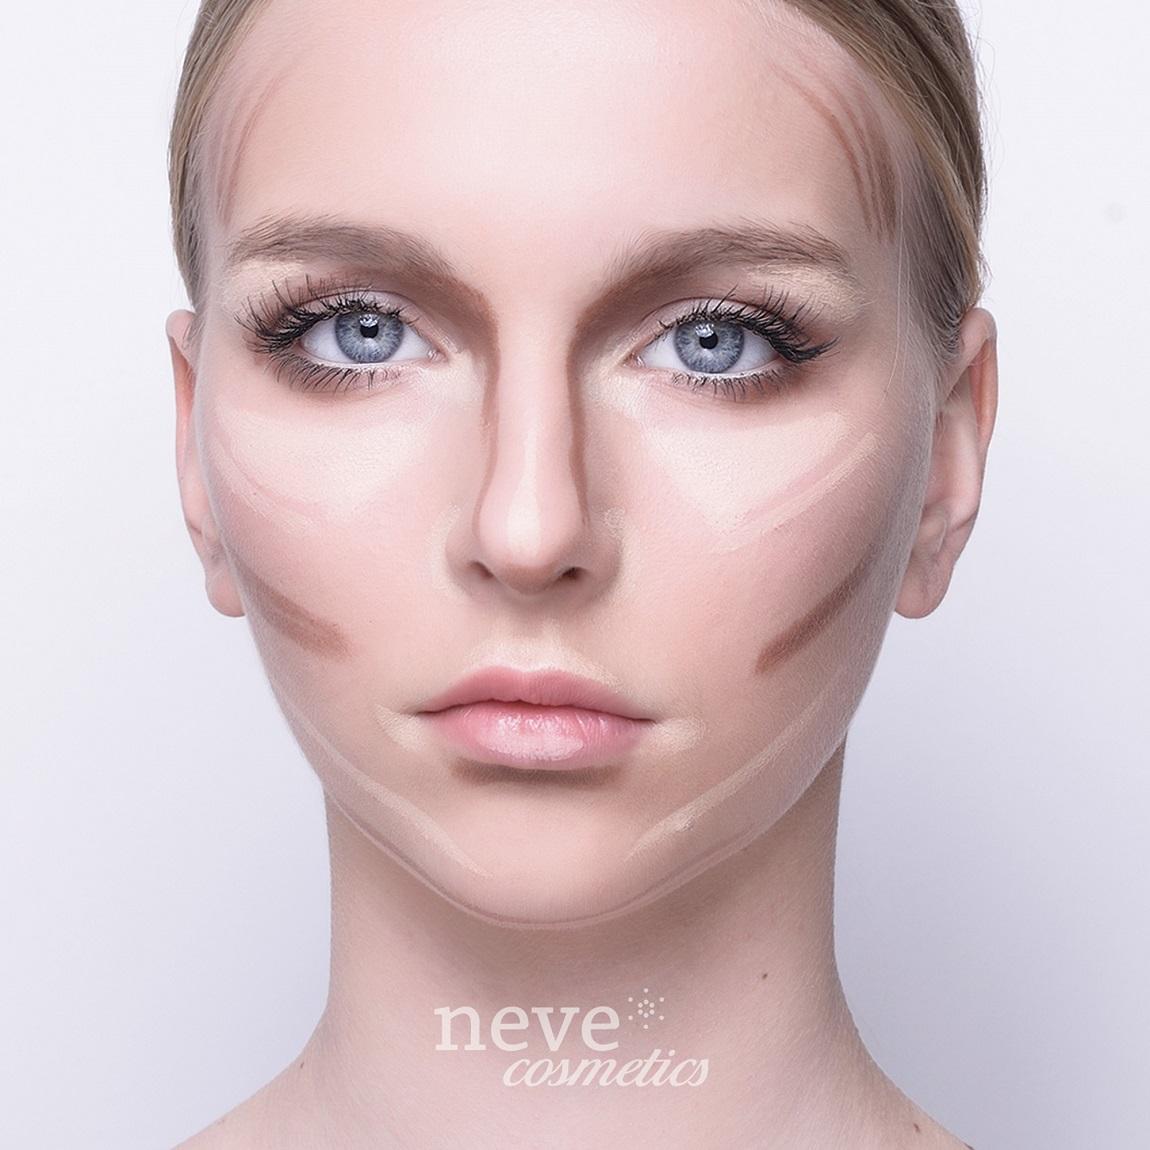 Cos'è il contouring viso e come si realizza? Scopri i suoi segreti